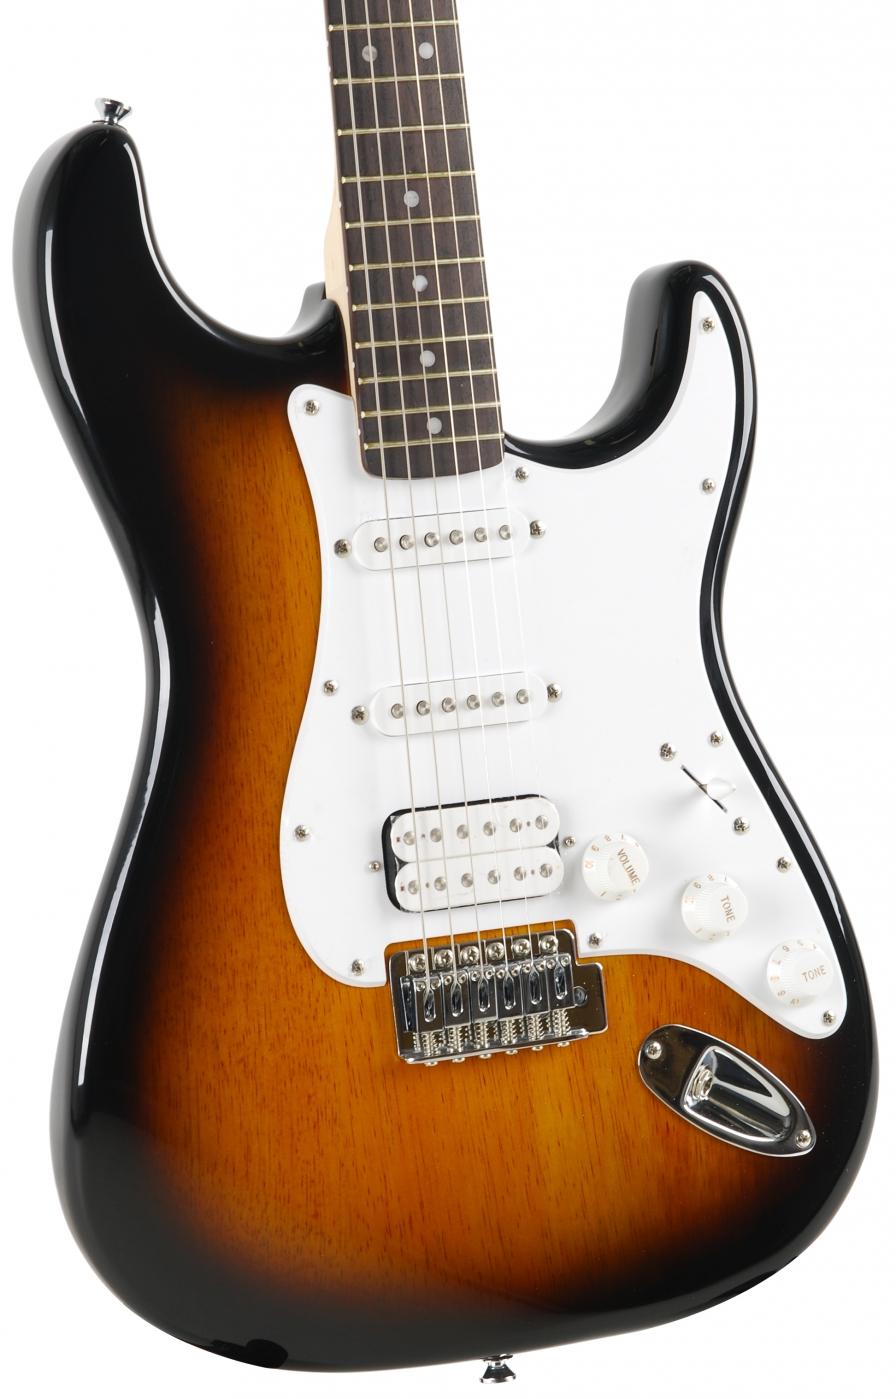 fender squier bullet w trem bsb electric guitar. Black Bedroom Furniture Sets. Home Design Ideas